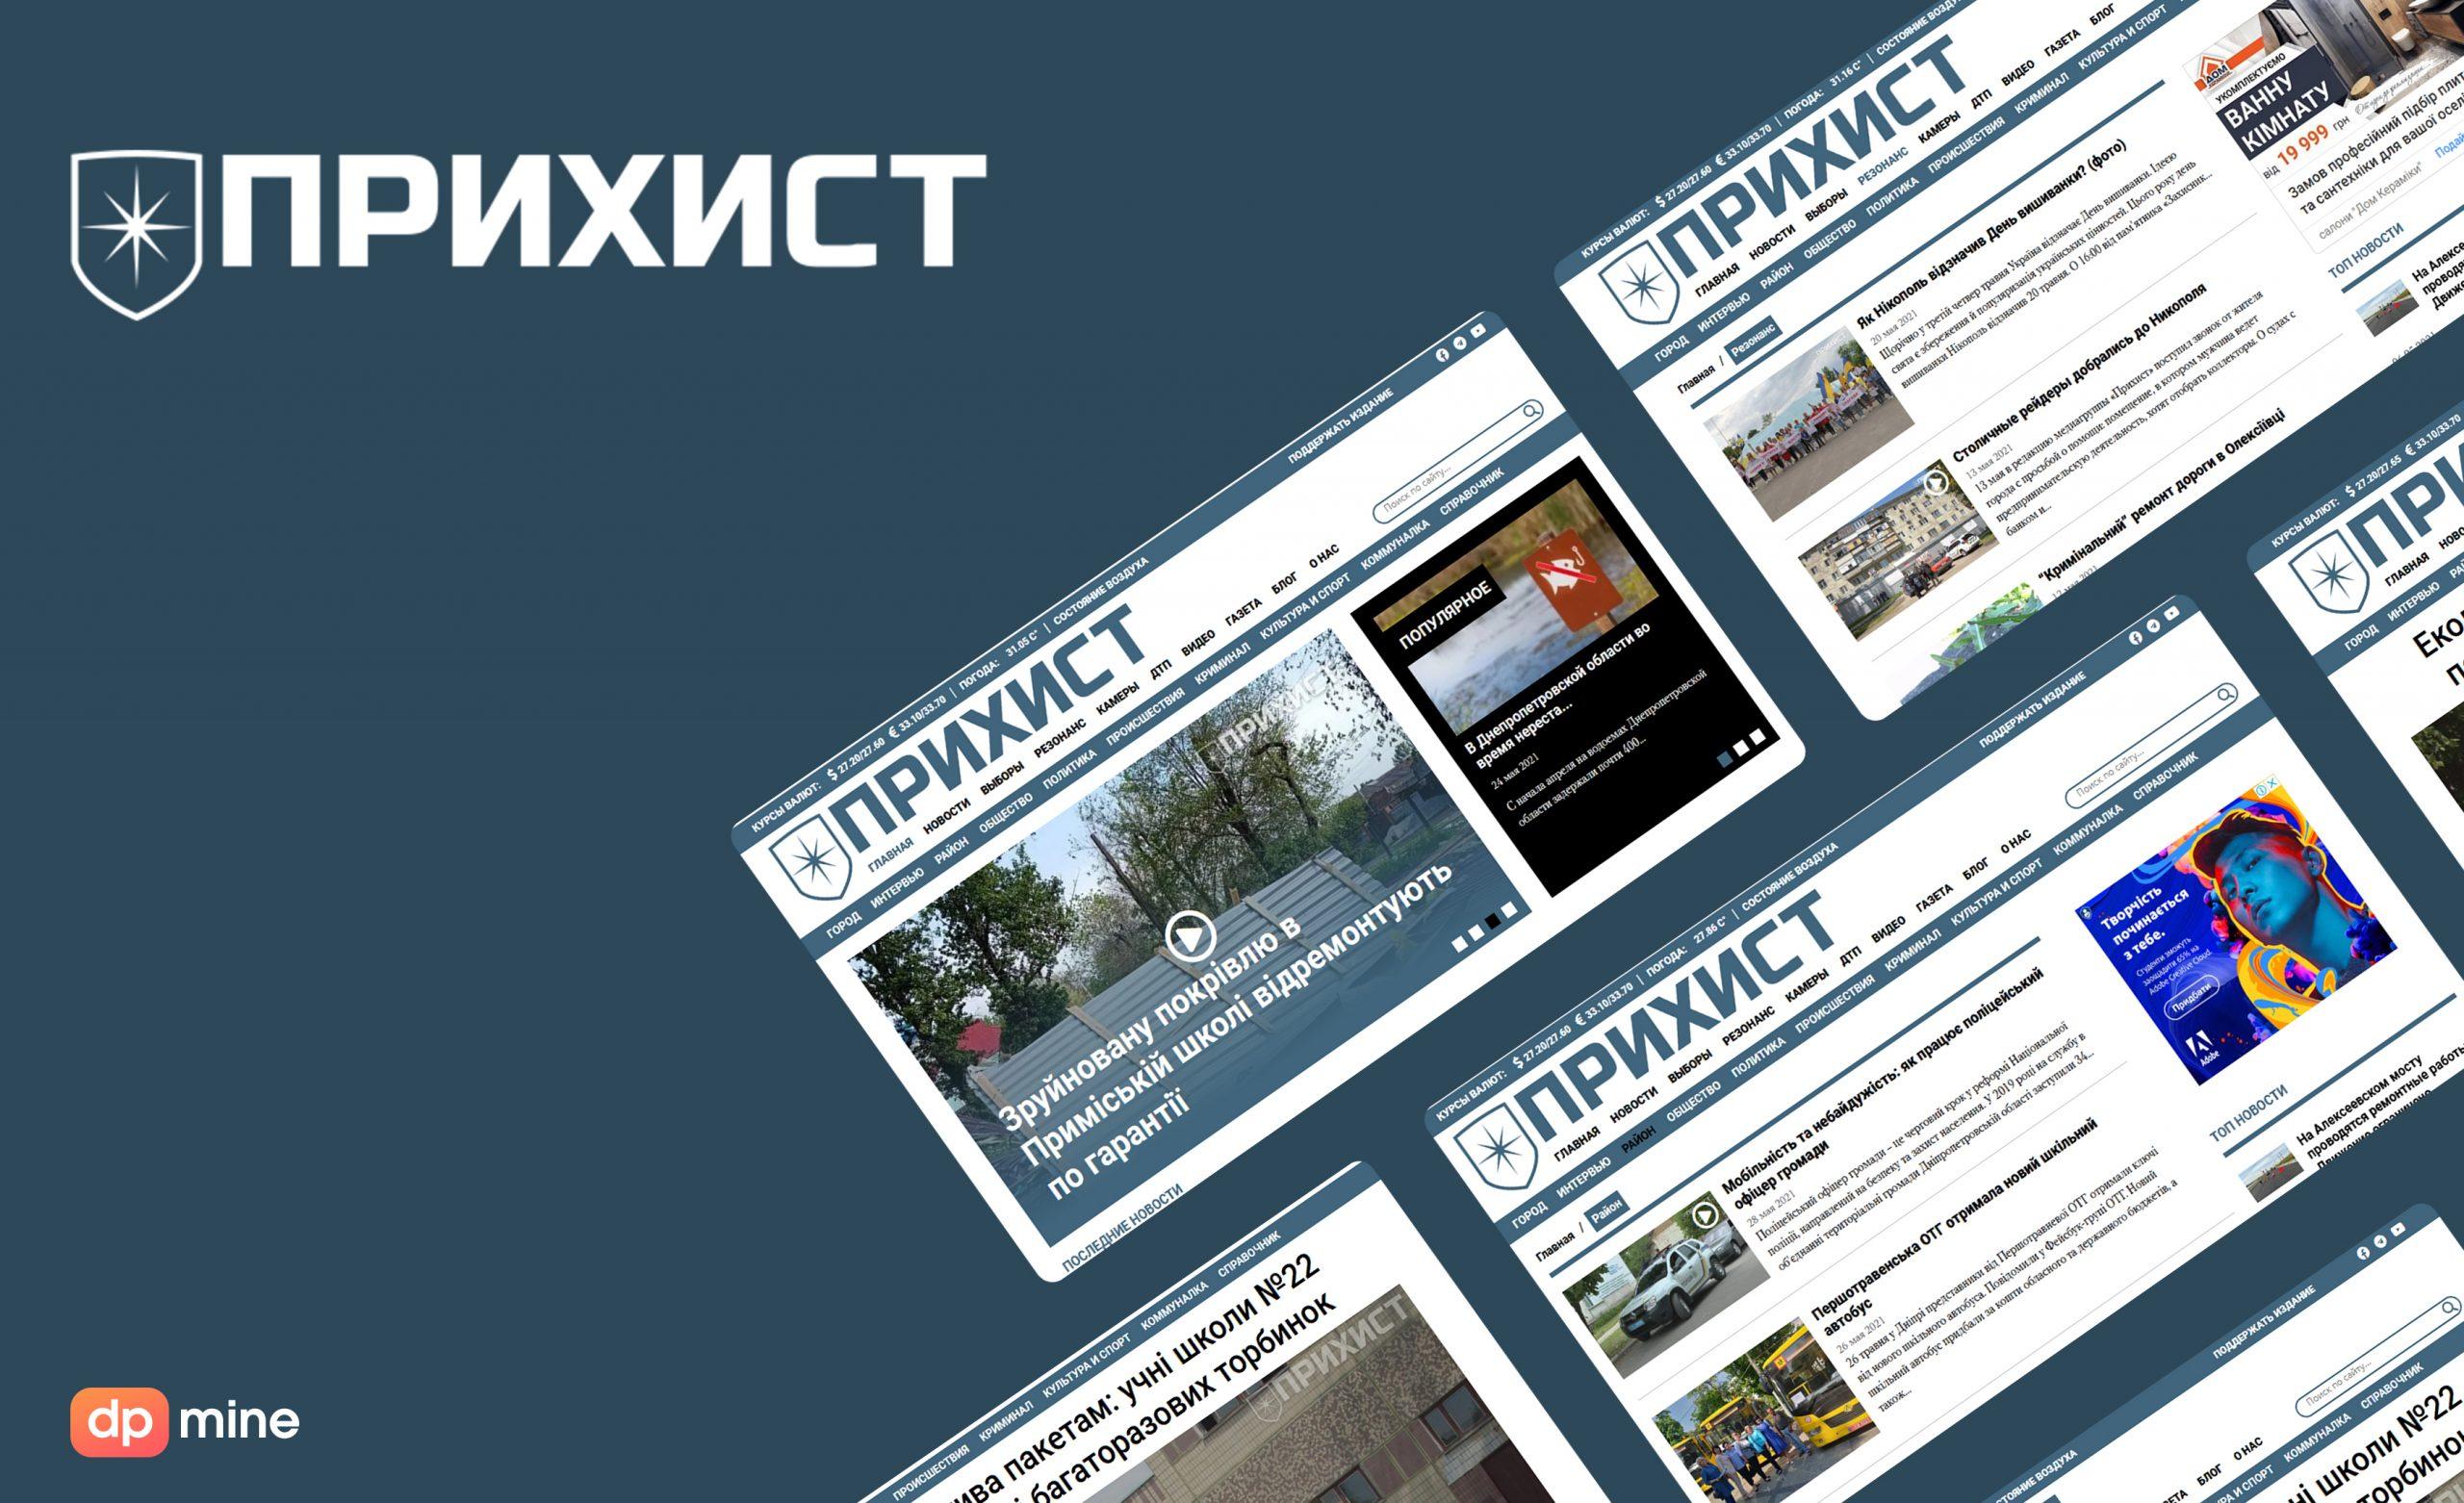 Создание и разработка сайтов от веб-студии dpmine.com.ua, заказать сайт с нуля недорого под ключ в https://www.prikhist.com/ - dpmine.com.ua